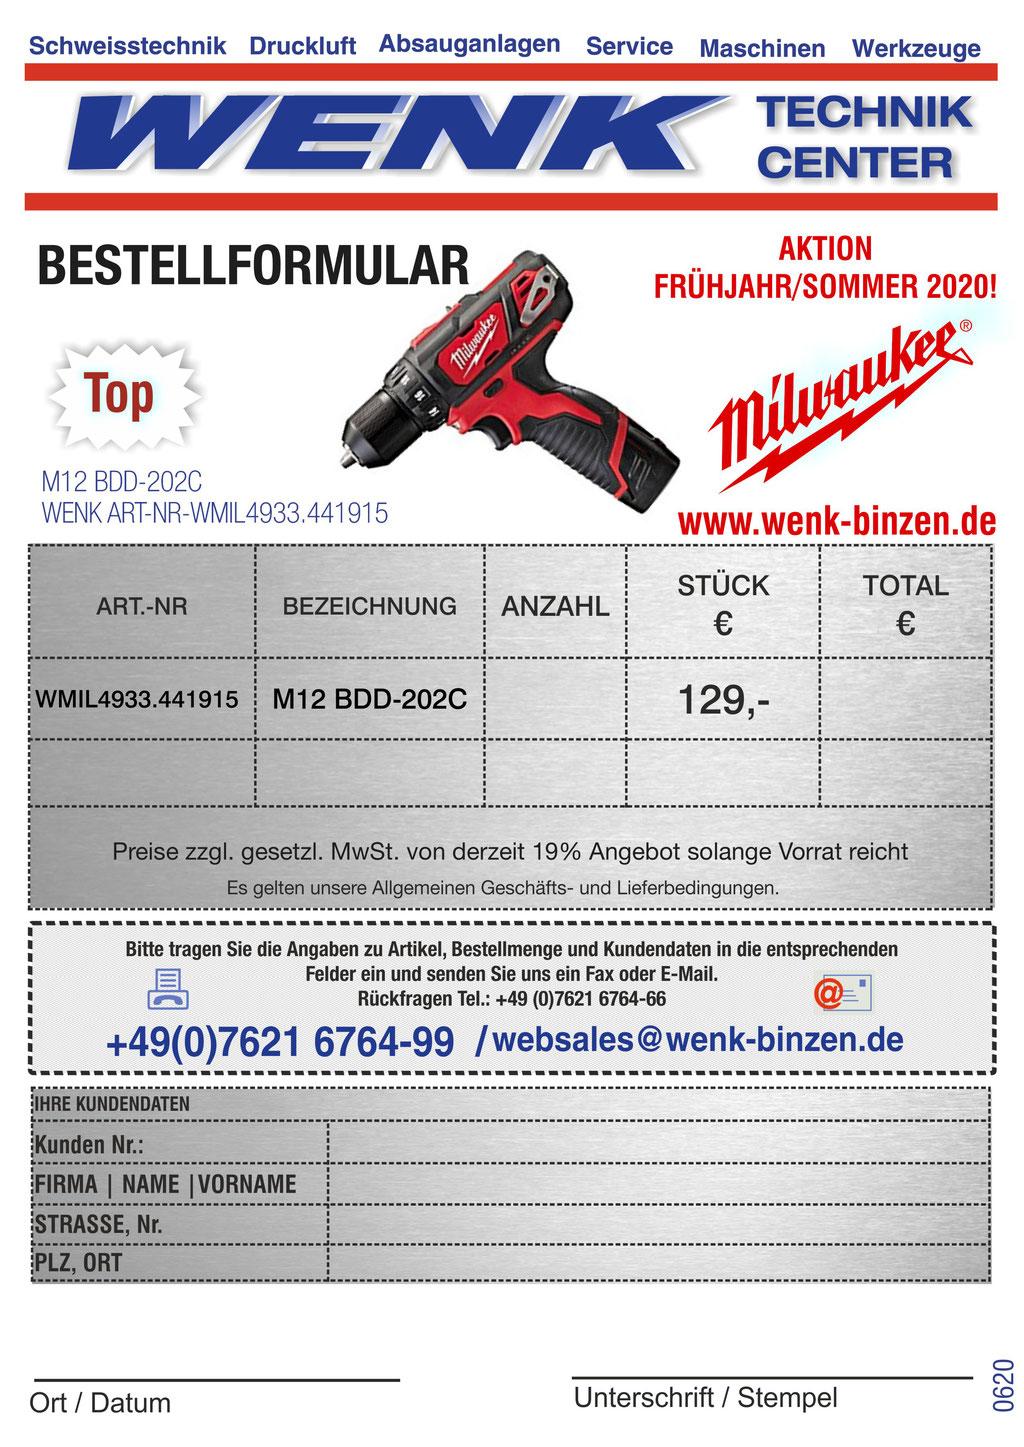 WENK SCHWEISSTECHNIK TOP ANGEBOT, Milwaukee Akku-Kompakt-Bohrschrauber M12 BDD, Aktionspreis 129,- EUR, Bestell-Fax